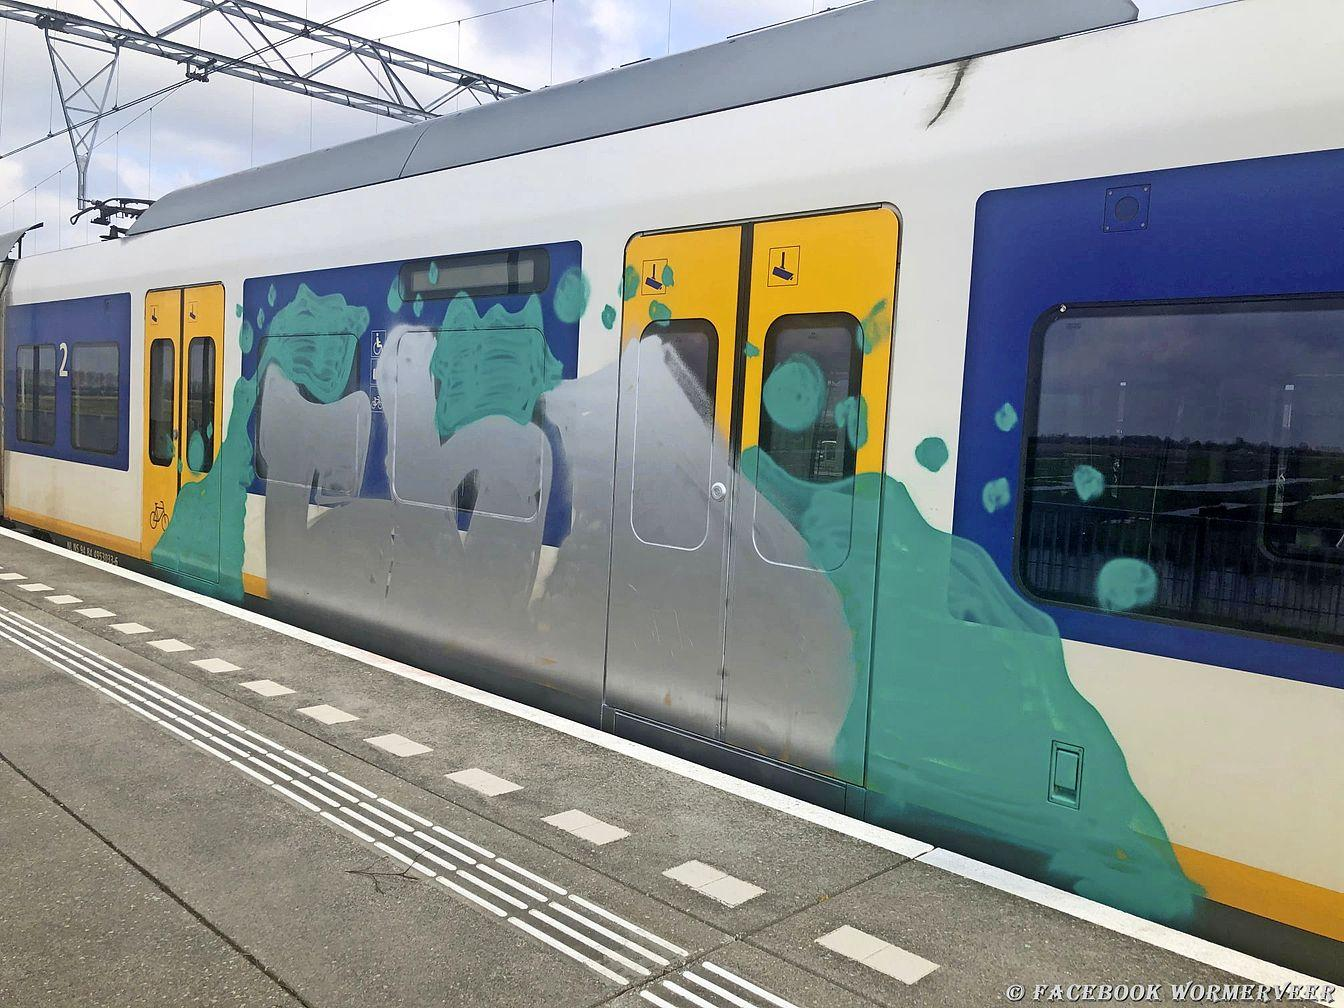 Opnieuw trein bij Wormerveer vol met graffiti, na het opheffen van de avondklok